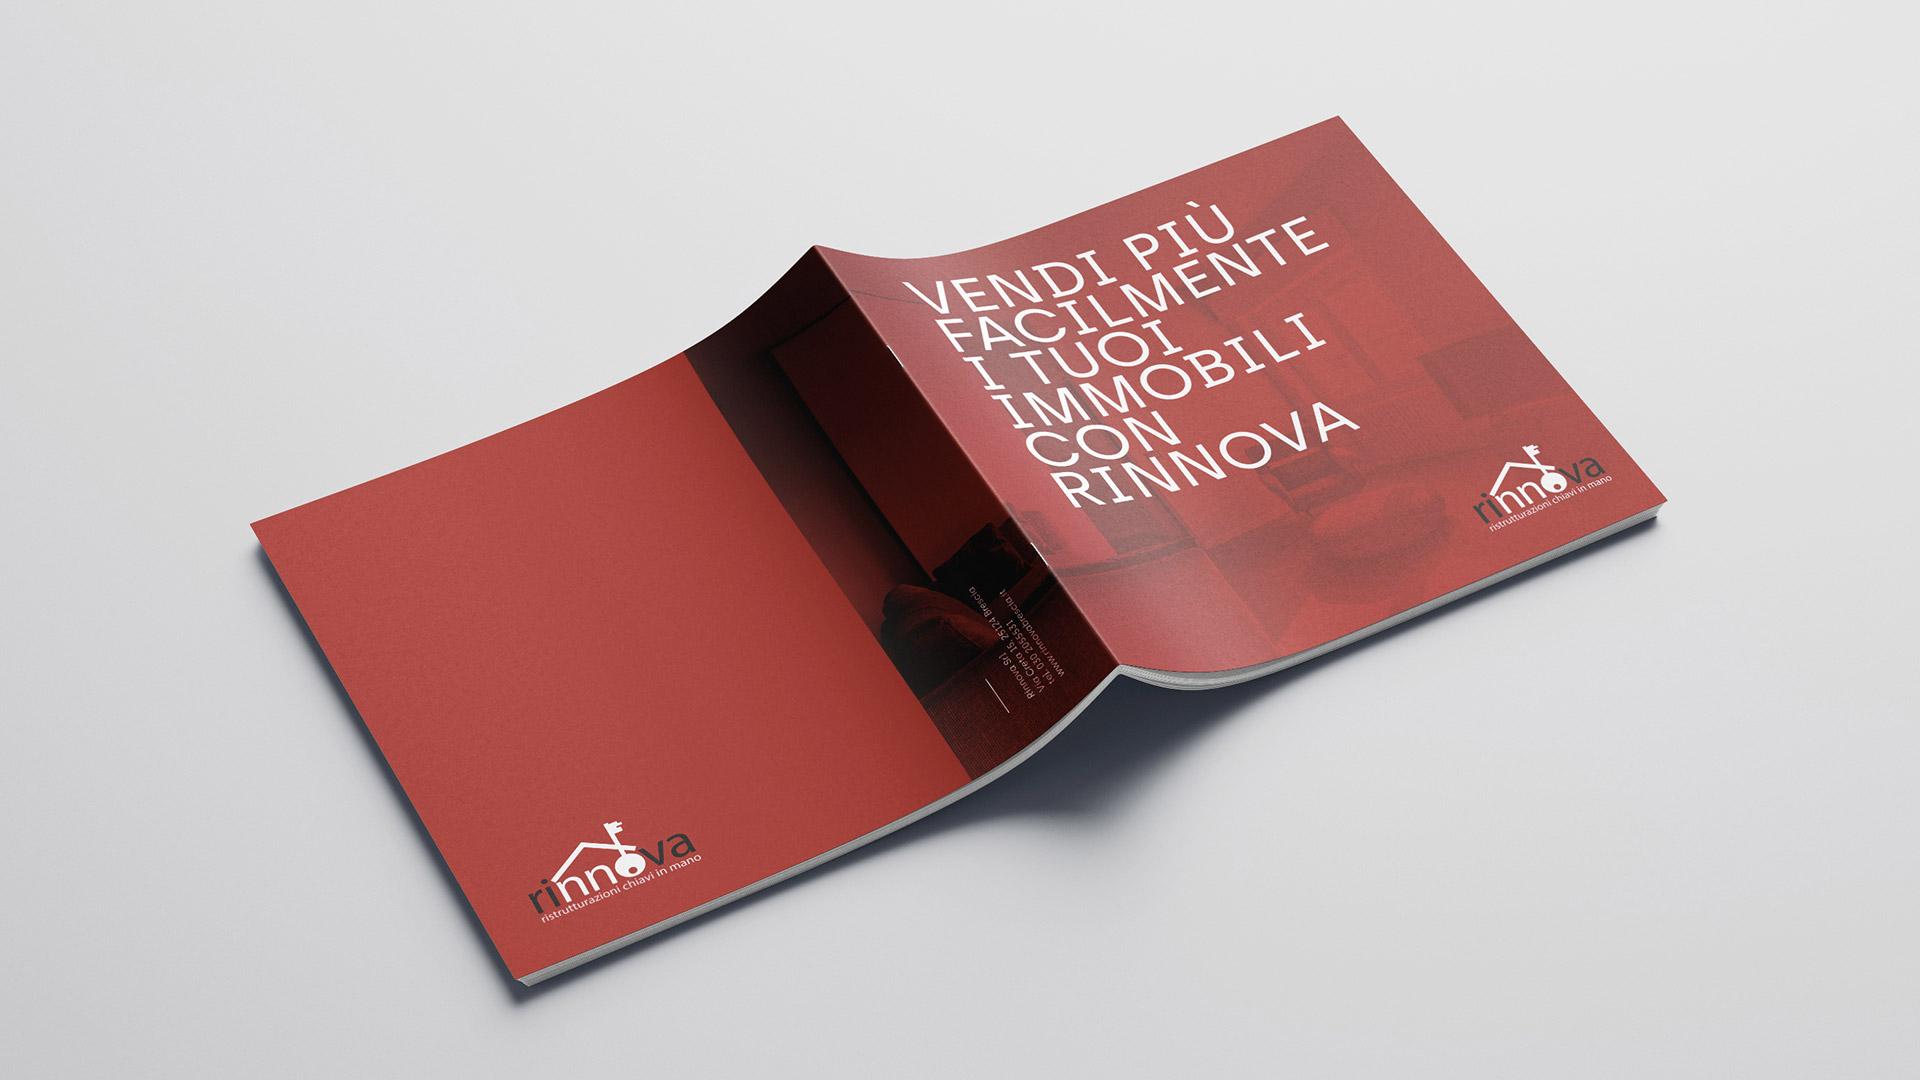 Copertina brochure immobiare realizzata da Valenti04